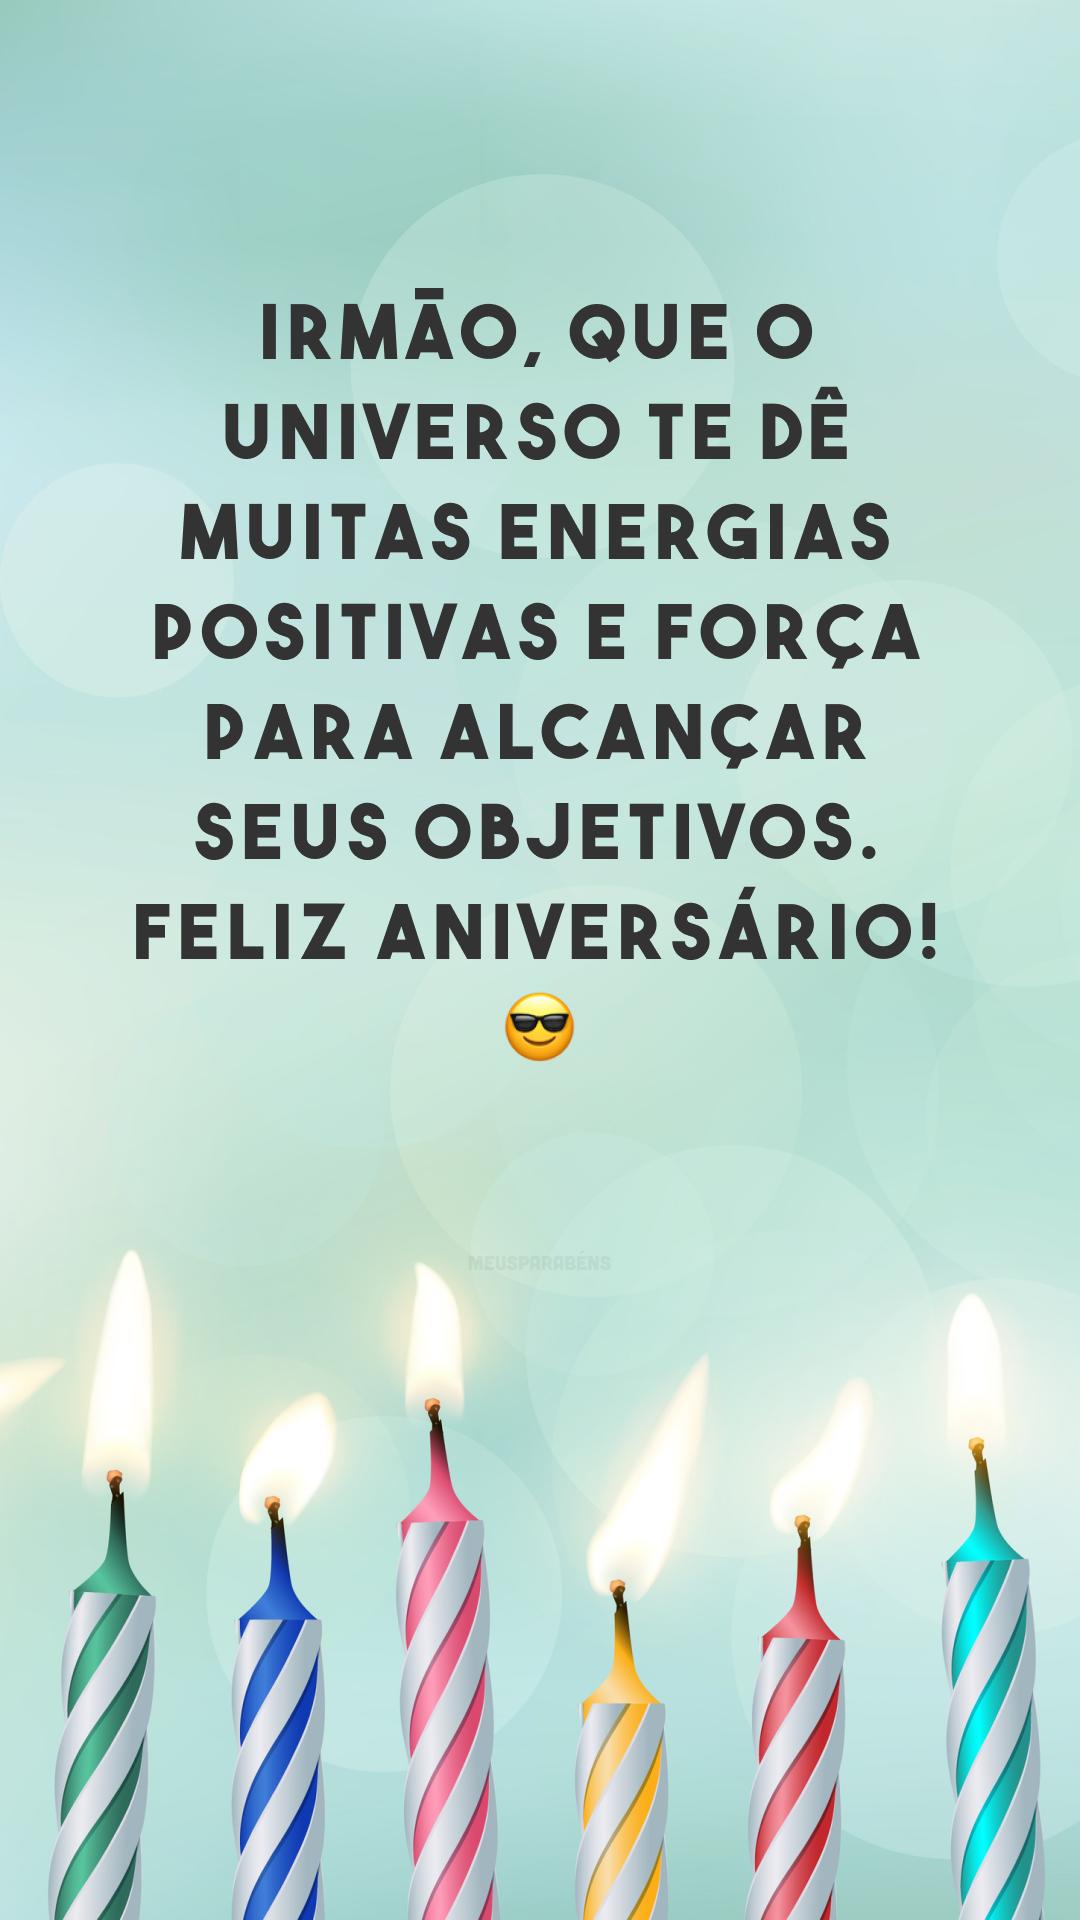 Irmão, que o universo te dê muitas energias positivas e força para alcançar seus objetivos. Feliz aniversário! 😎